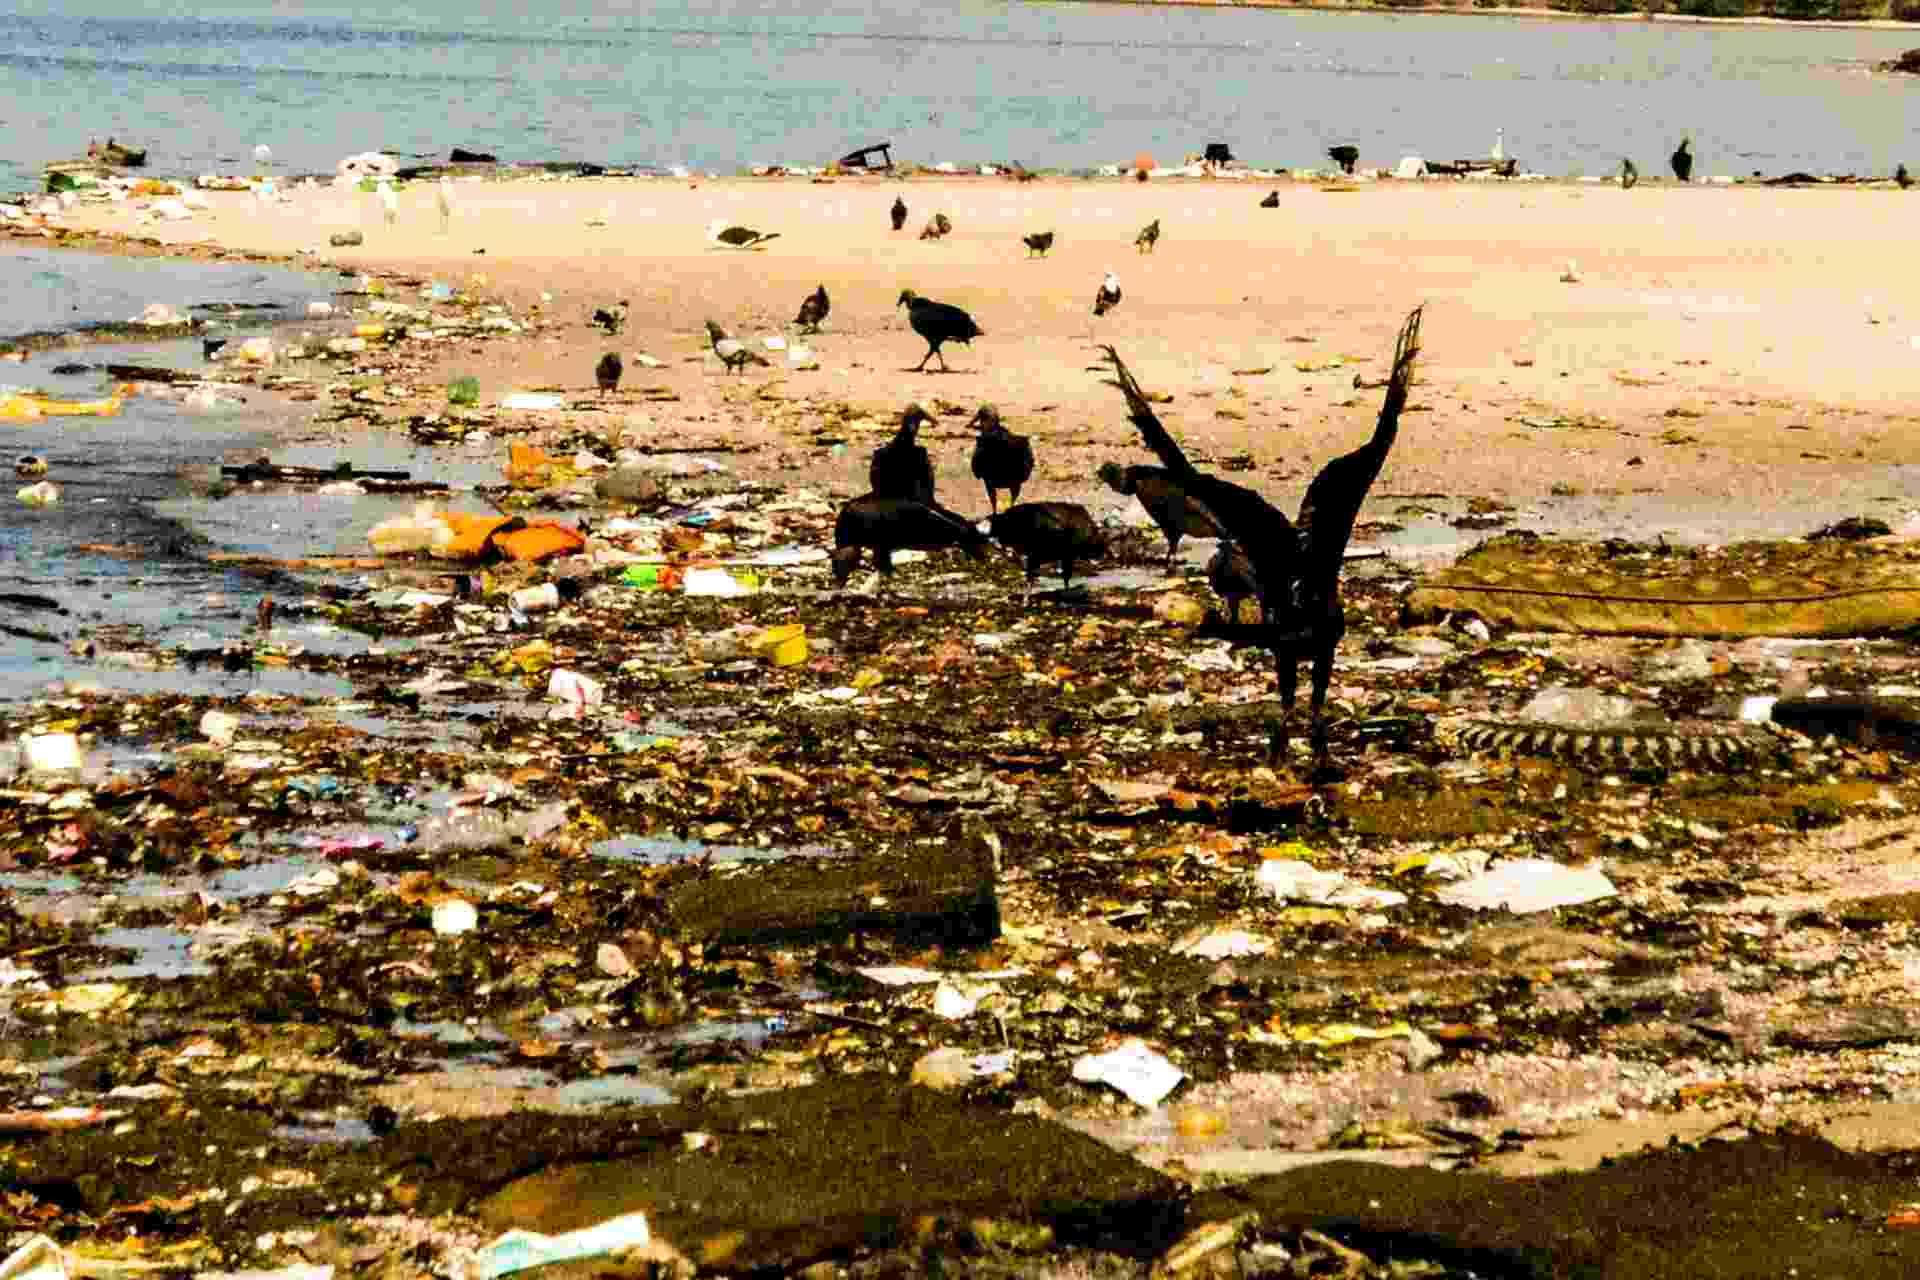 30.ago.2015 - Urubus pousam sobre lixo acumulado na baía de Guanabara, no entorno da Ilha do Governador, próximo ao Aeroporto Internacional Tom Jobim (Galeão), no Rio de Janeiro  - undefined